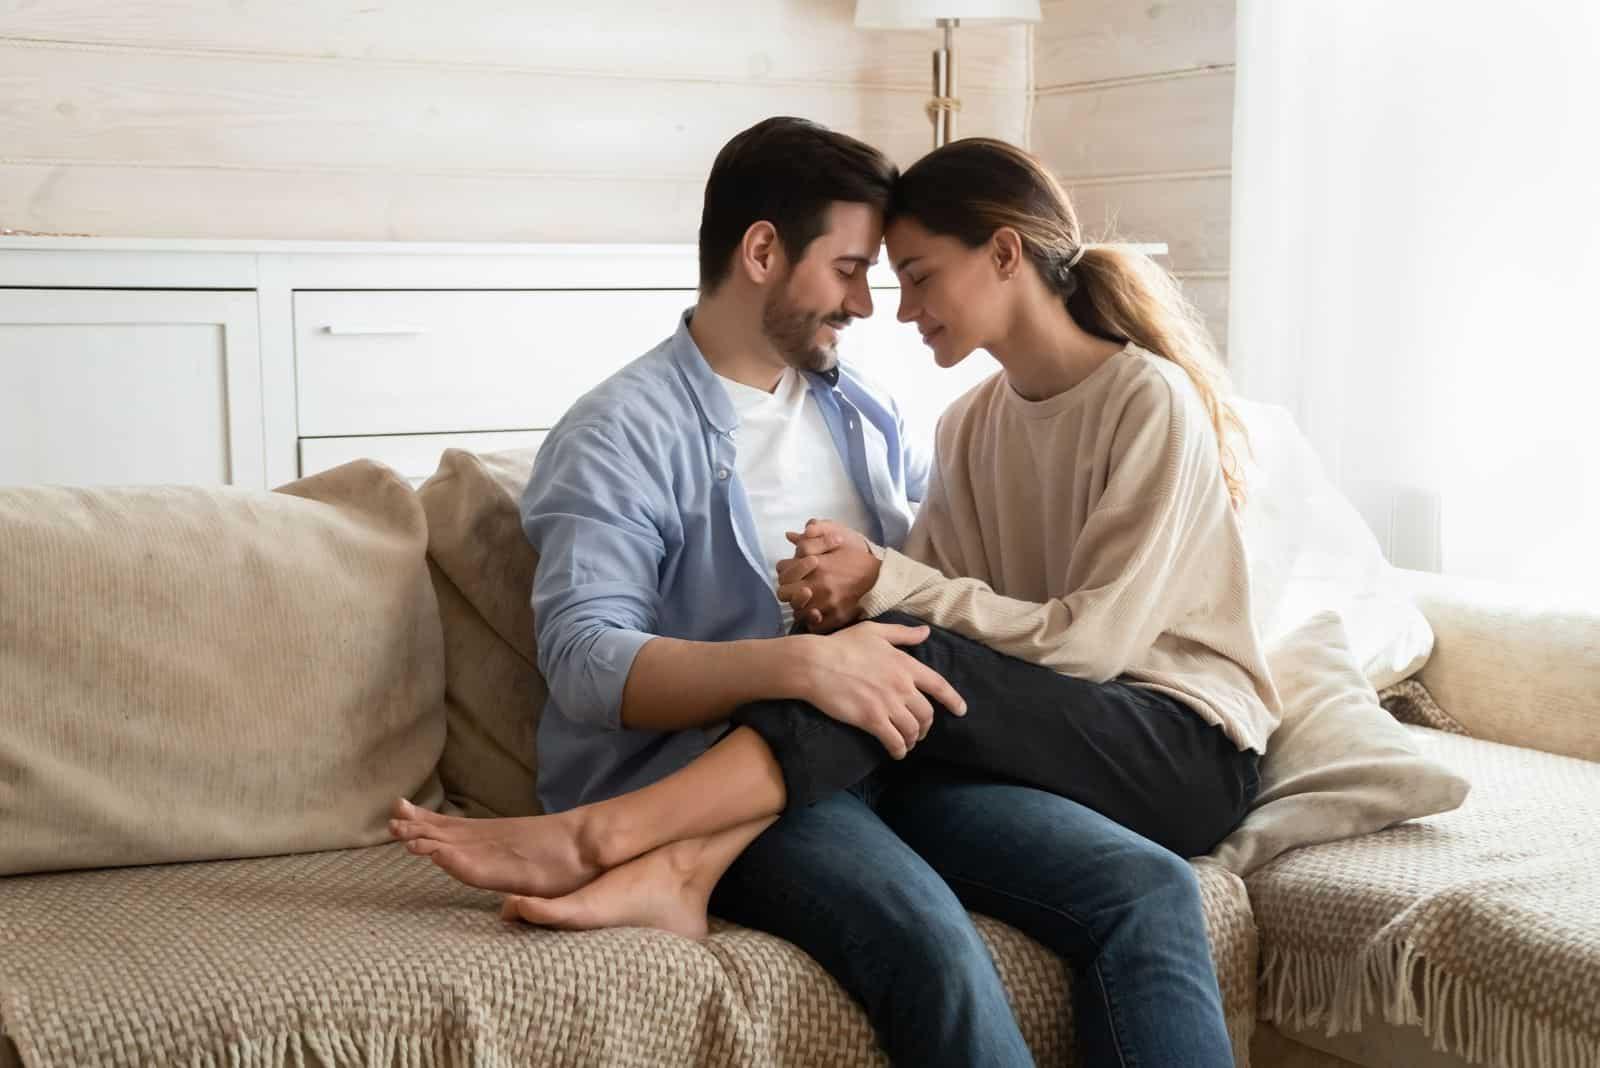 Liebevolles junges Ehepaar auf der Couch im Wohnzimmer sitzen und kuscheln kuscheln zärtlich süßen Moment zusammen genießen